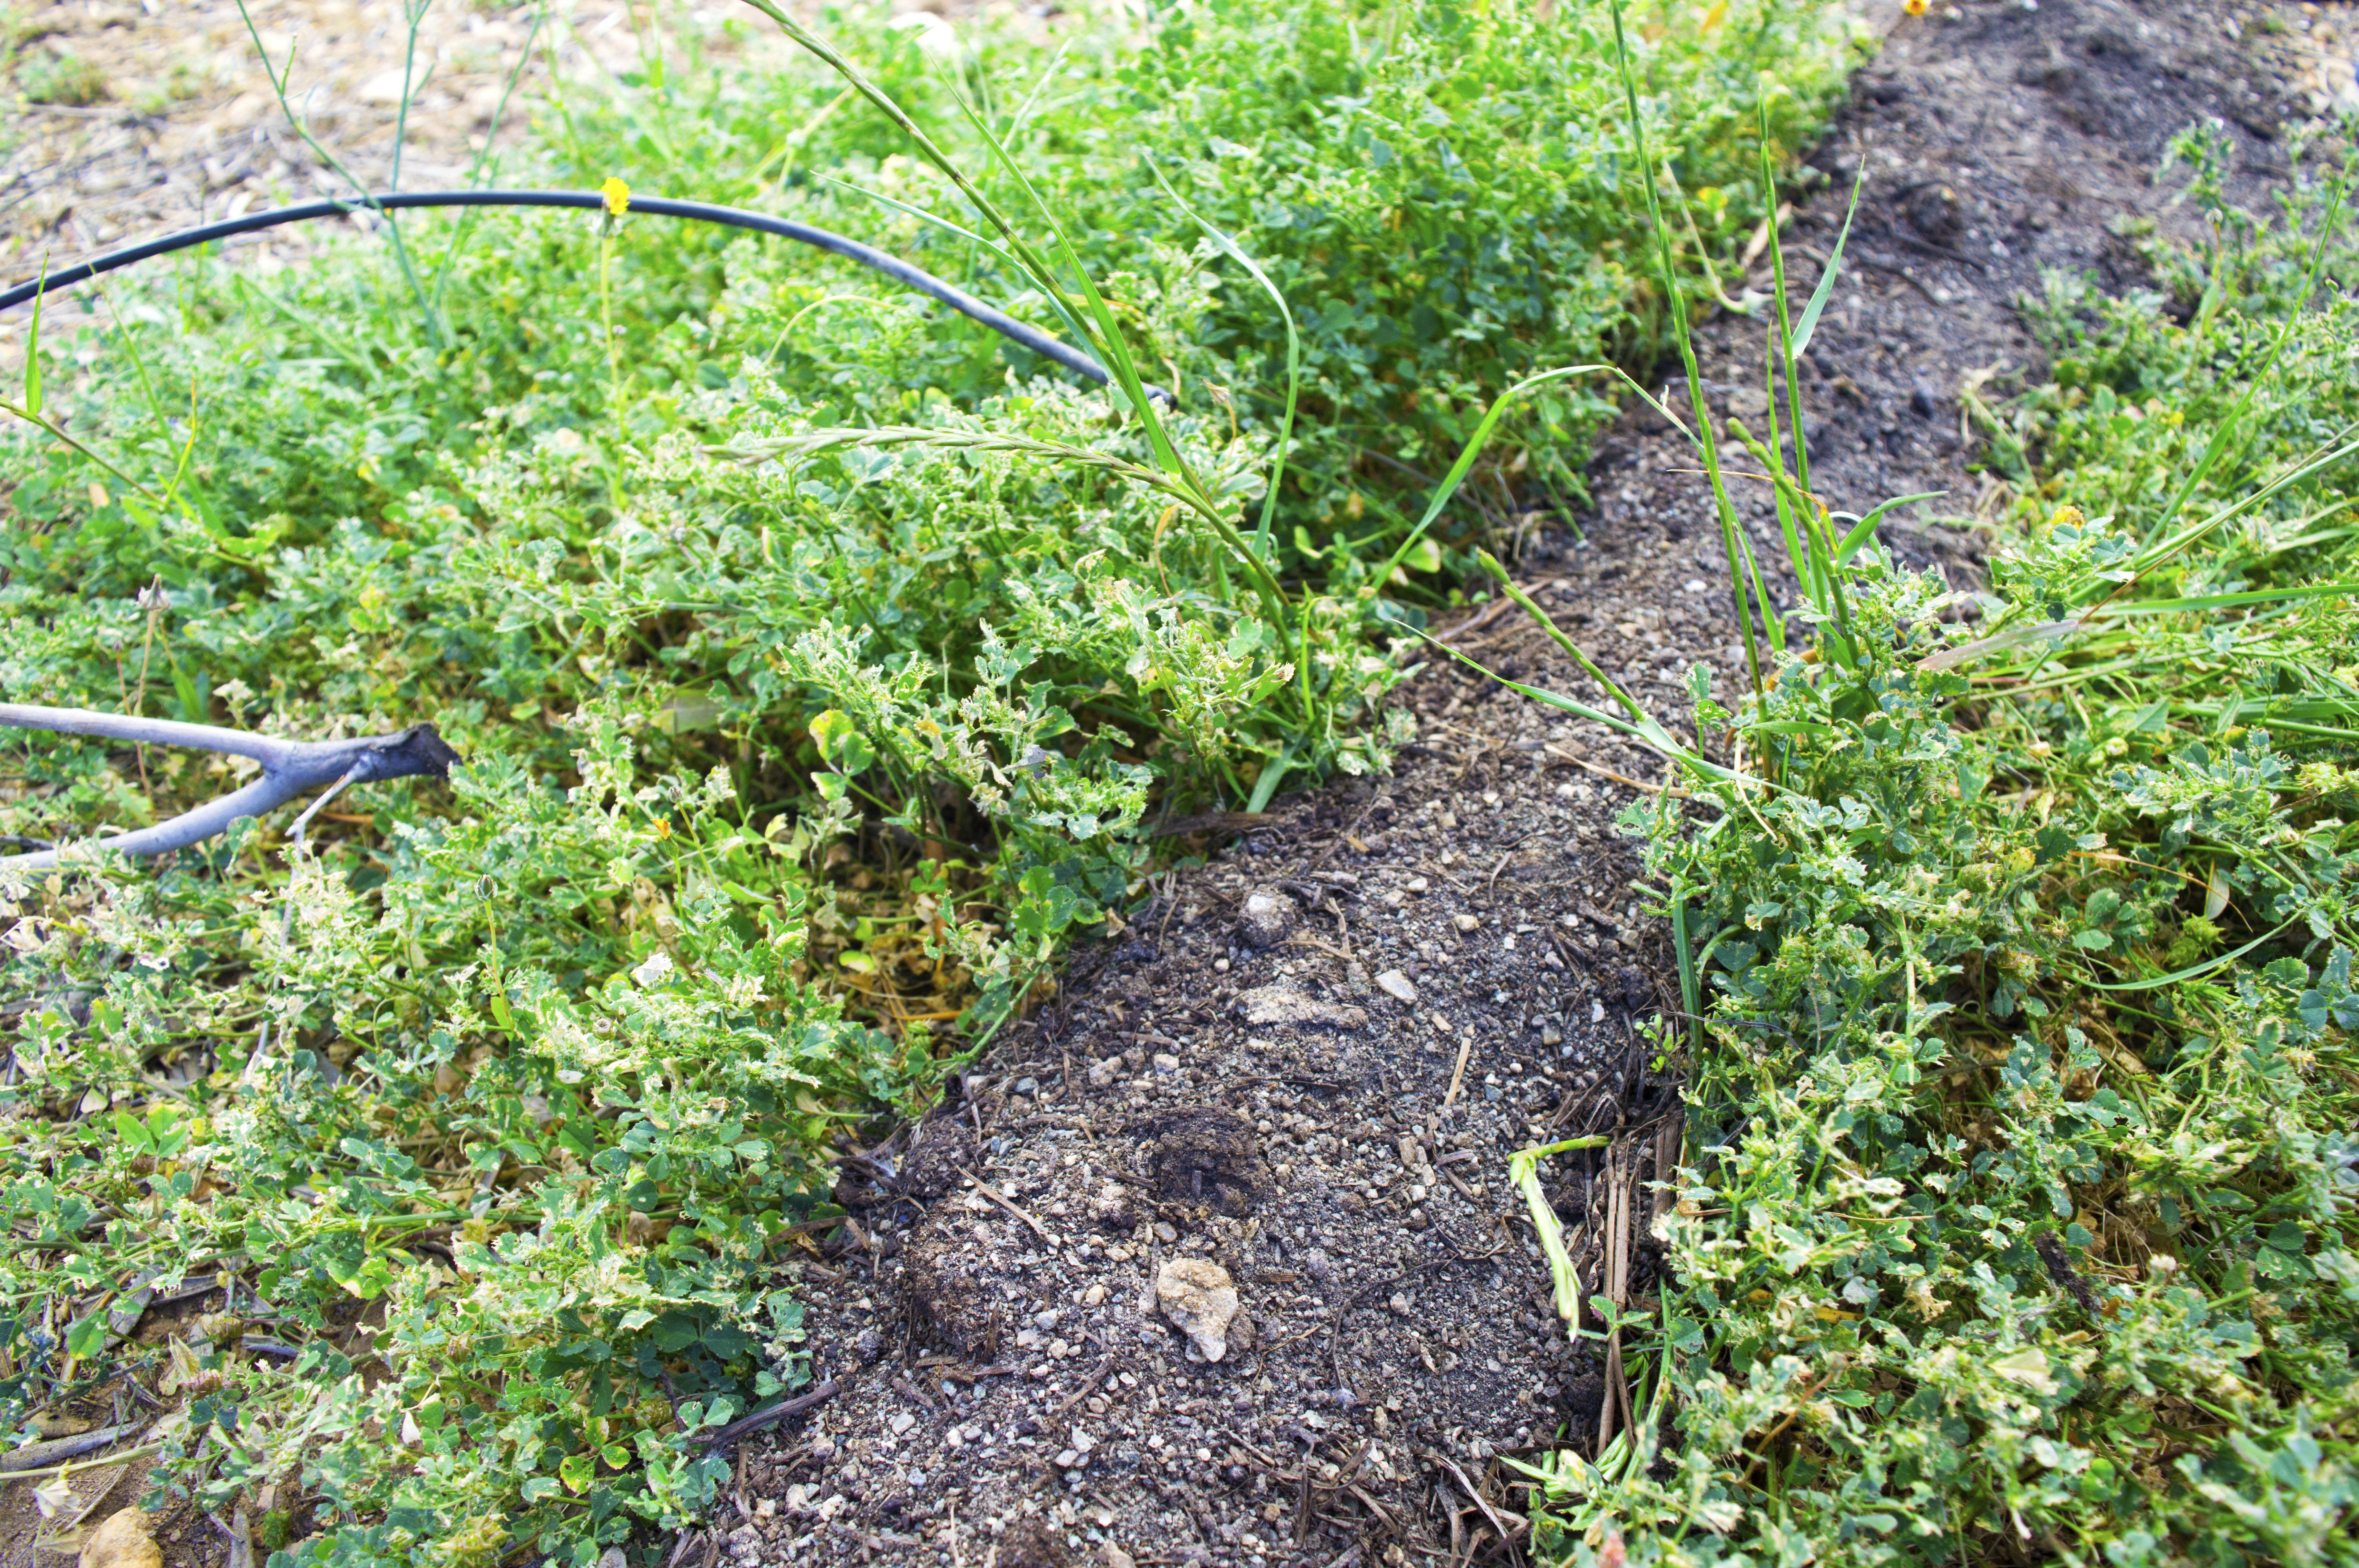 Treflis, oliven og matavfall kompost overliggende drypp vanningskanaler og dekkavlinger. Fotokreditt: Jasmine Black